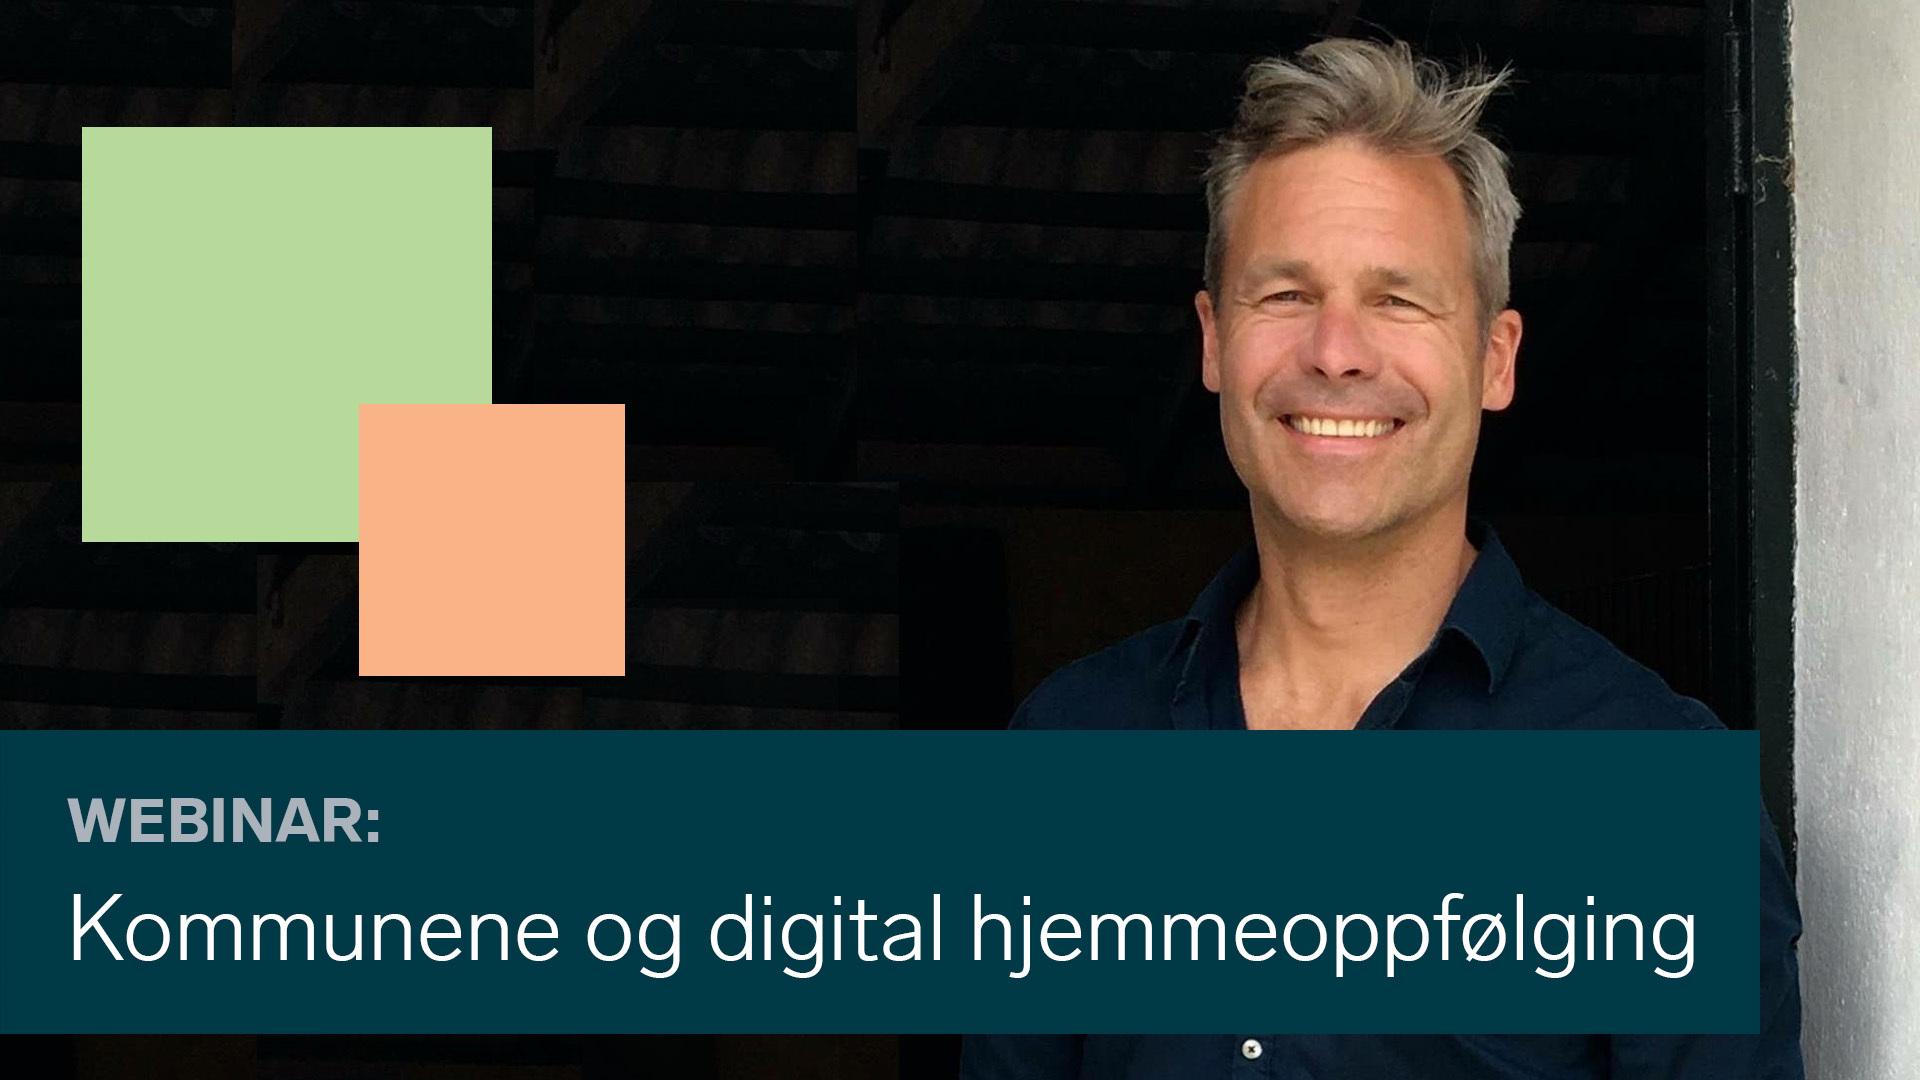 Morten Lauknes delte erfaringer fra Agder om digital hjemmeoppfølging under korona.